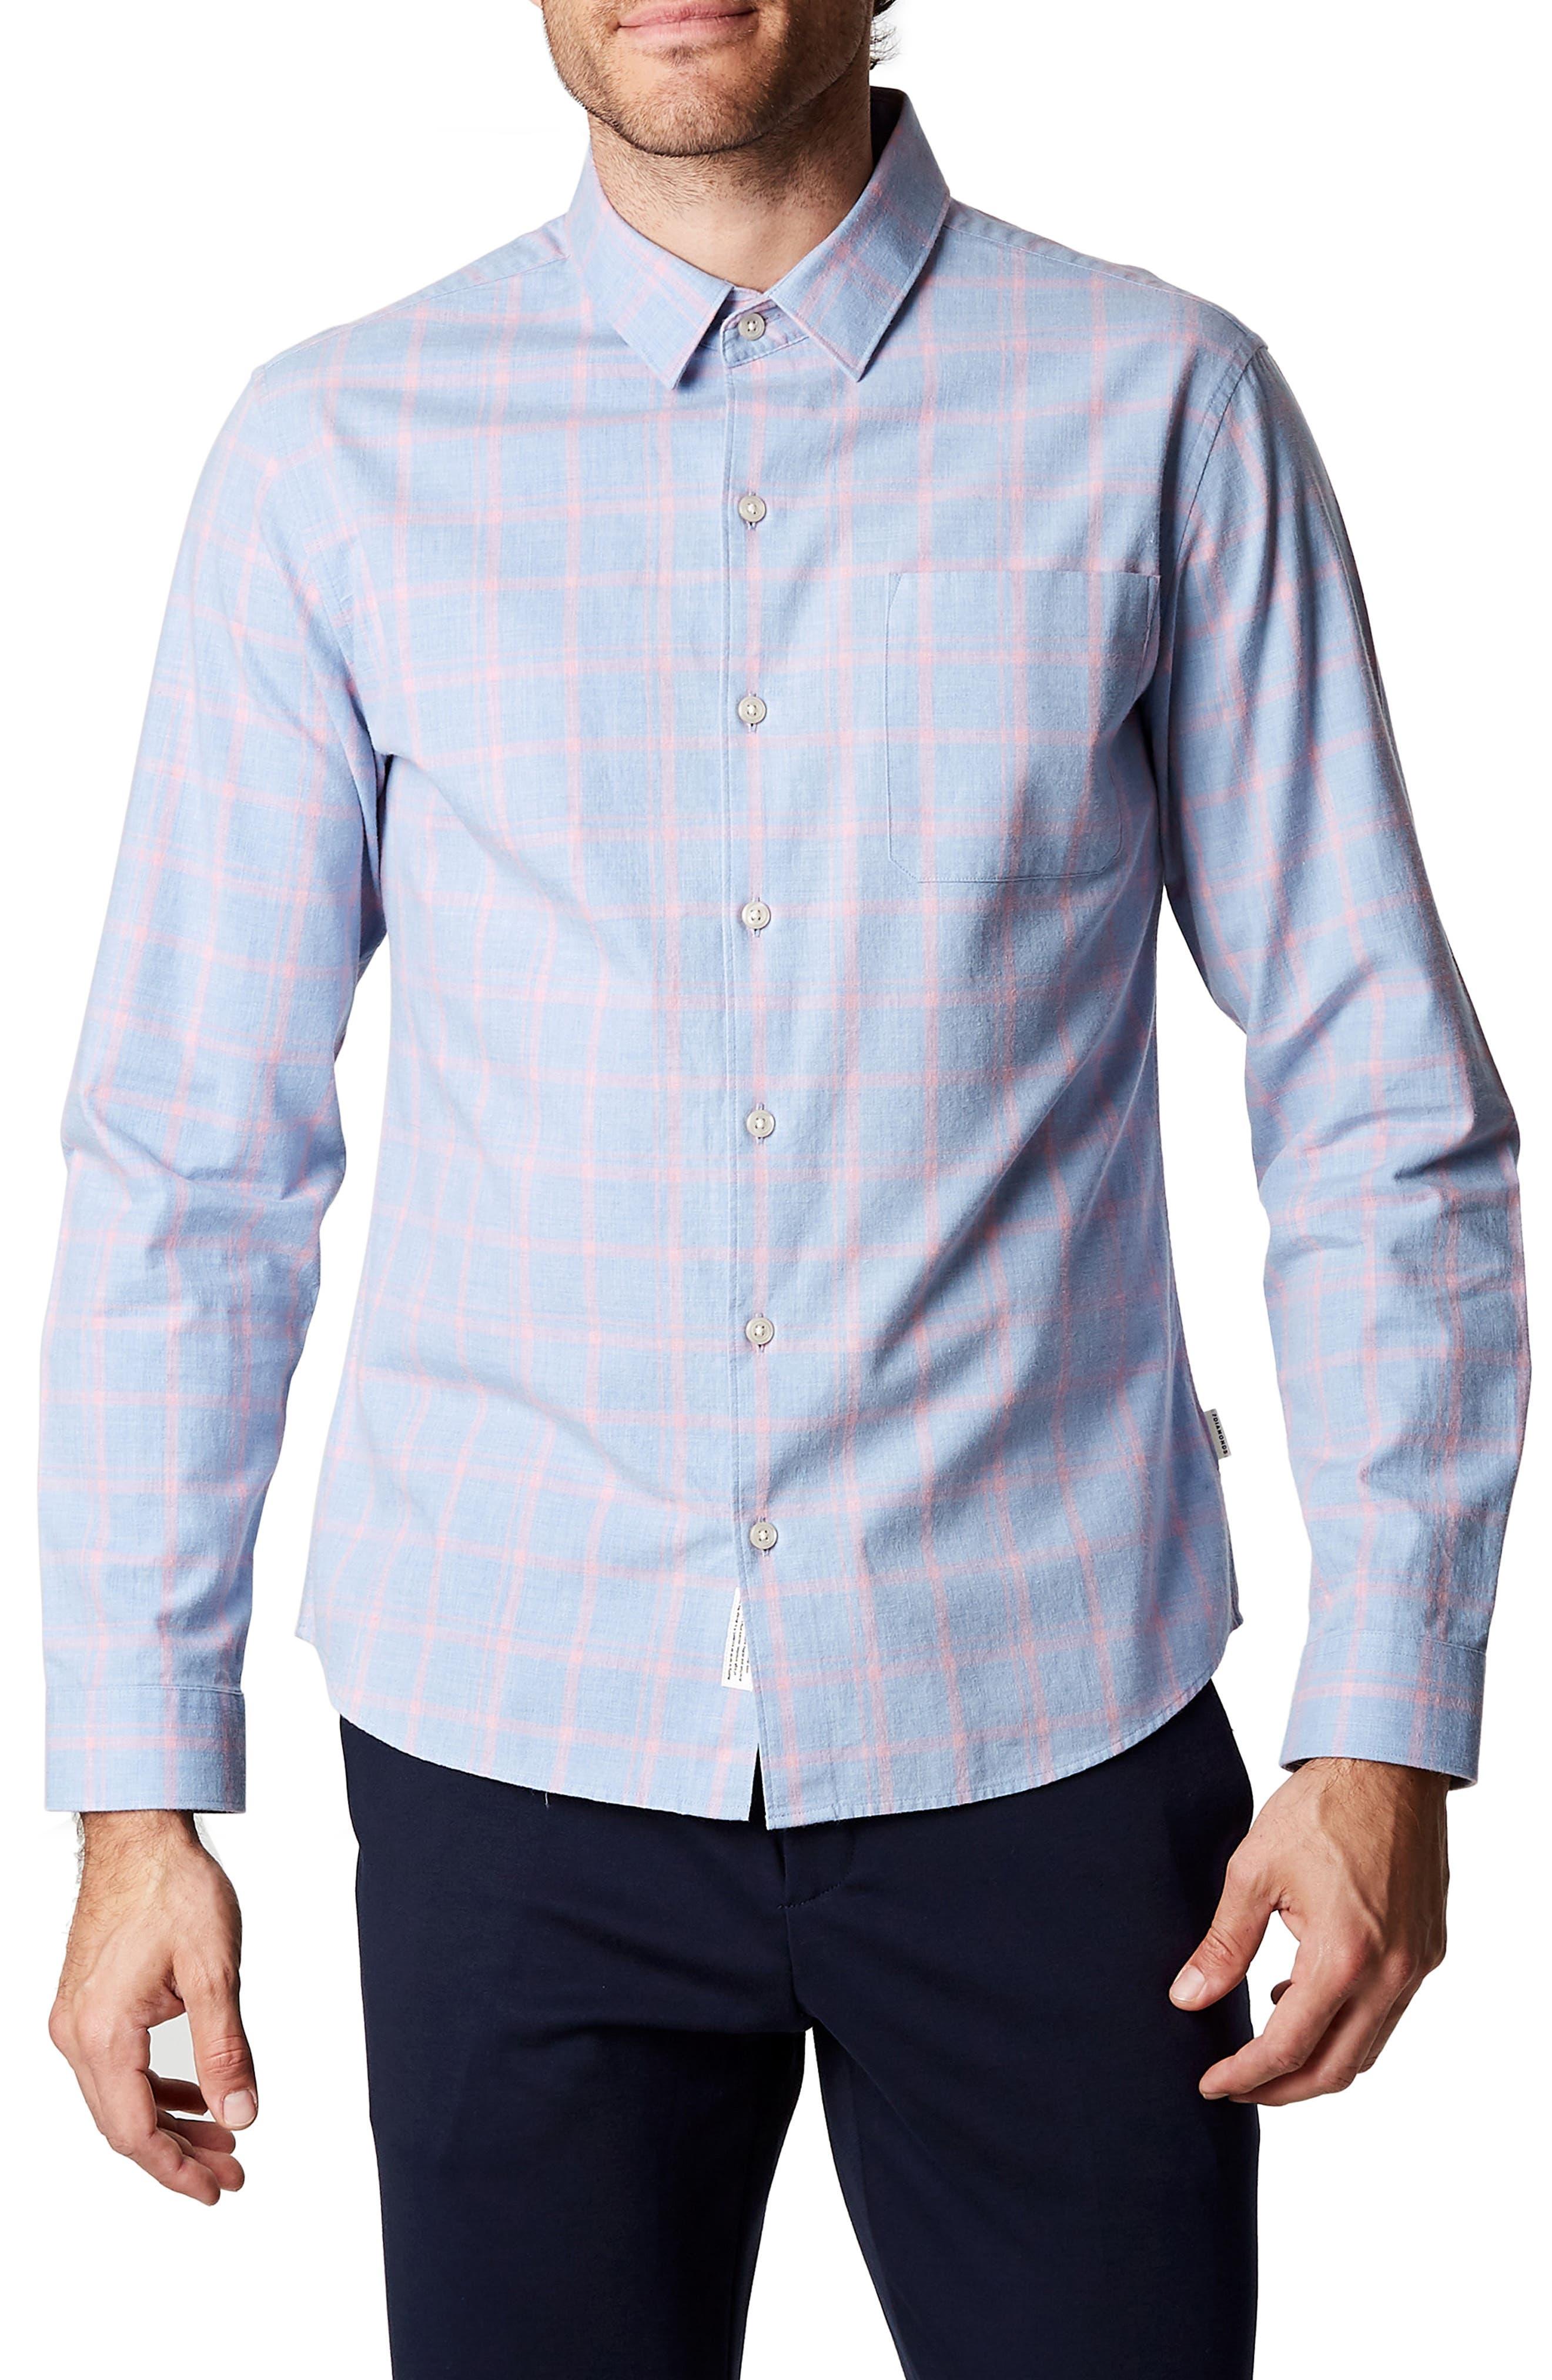 All You Know Plaid Shirt,                         Main,                         color, Light Blue